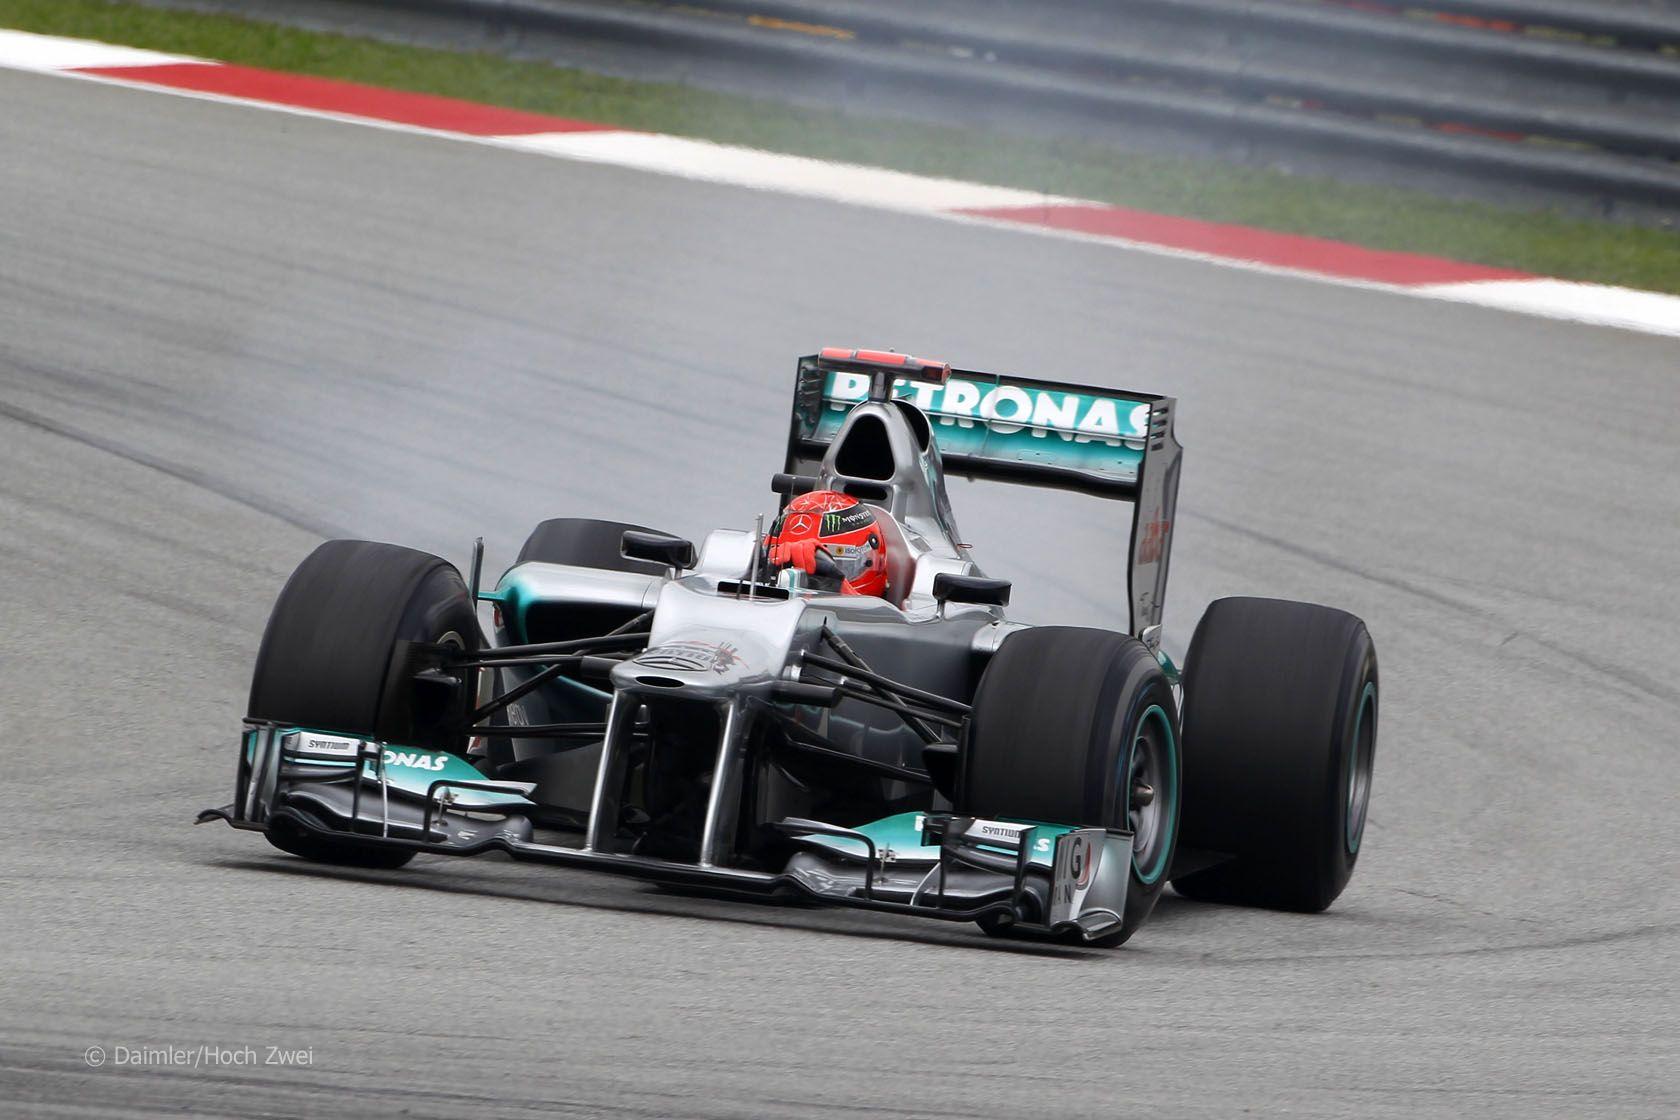 Schumacher Mercedes F1 Full Hd Wallpaper: Michael Schumacher Mercedes